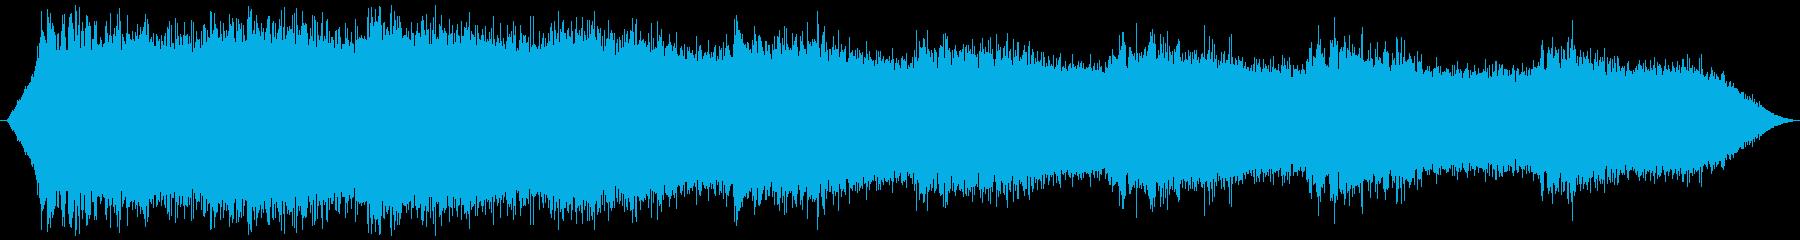 ミンミンゼミの鳴き声 夏のセミの再生済みの波形